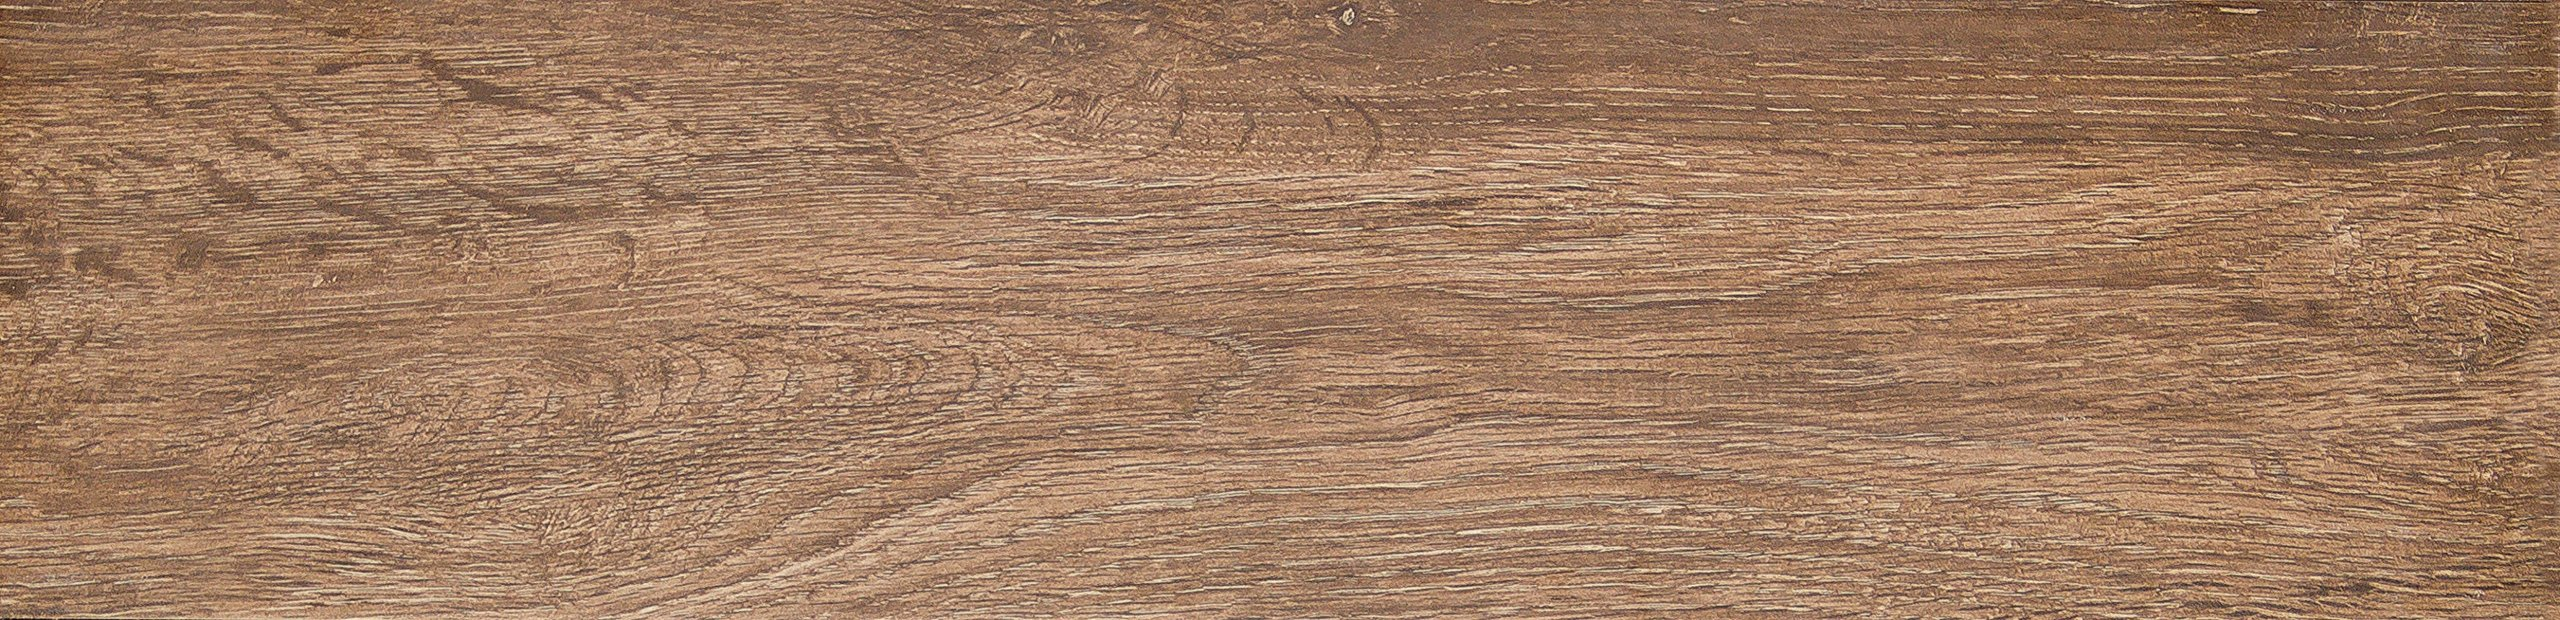 Emser Tile ''Woodwork'' SBN Porcelain Tile, 3'' x 24'', Eugene